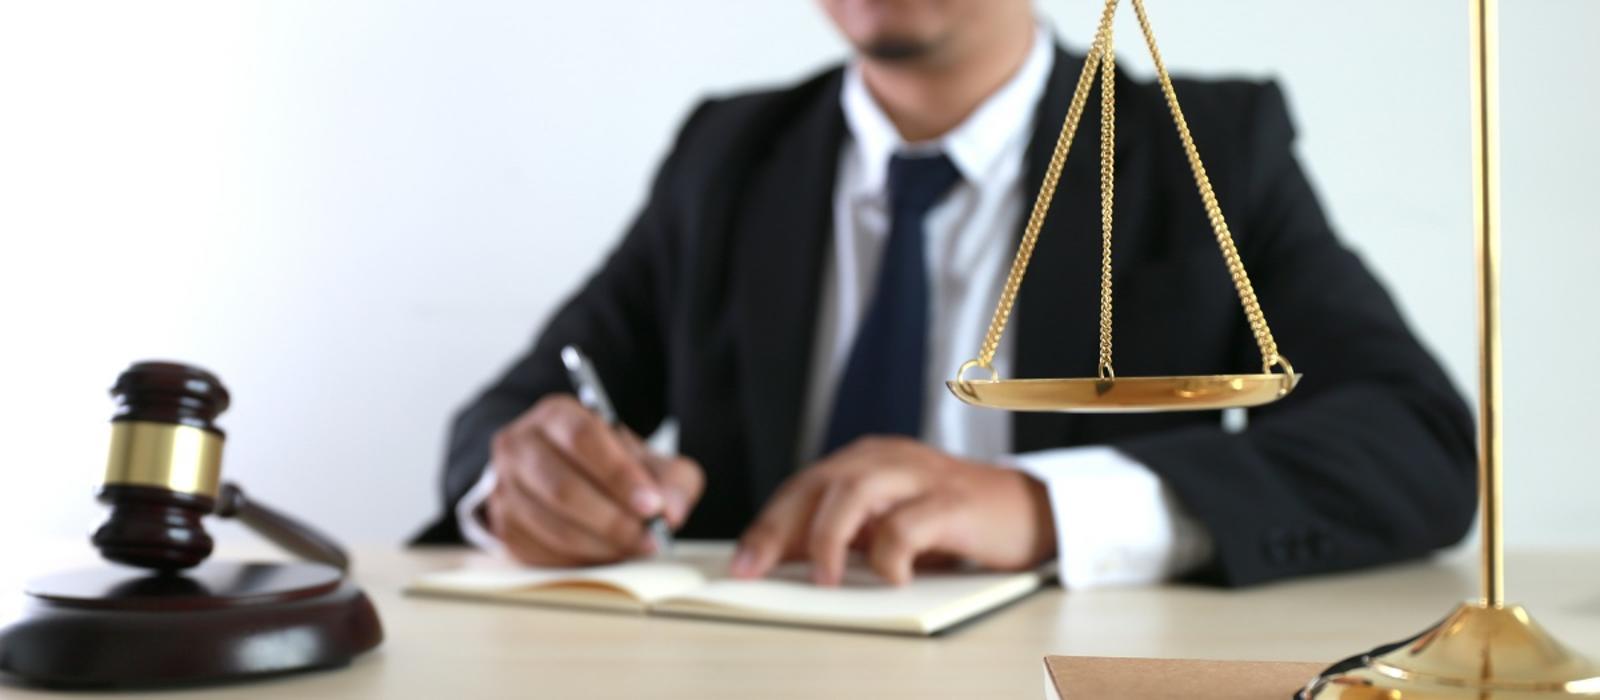 Οι δικηγόροι προειδοποιούν: Μην νομοθετήσετε την υποχρεωτική διαμεσολάβηση